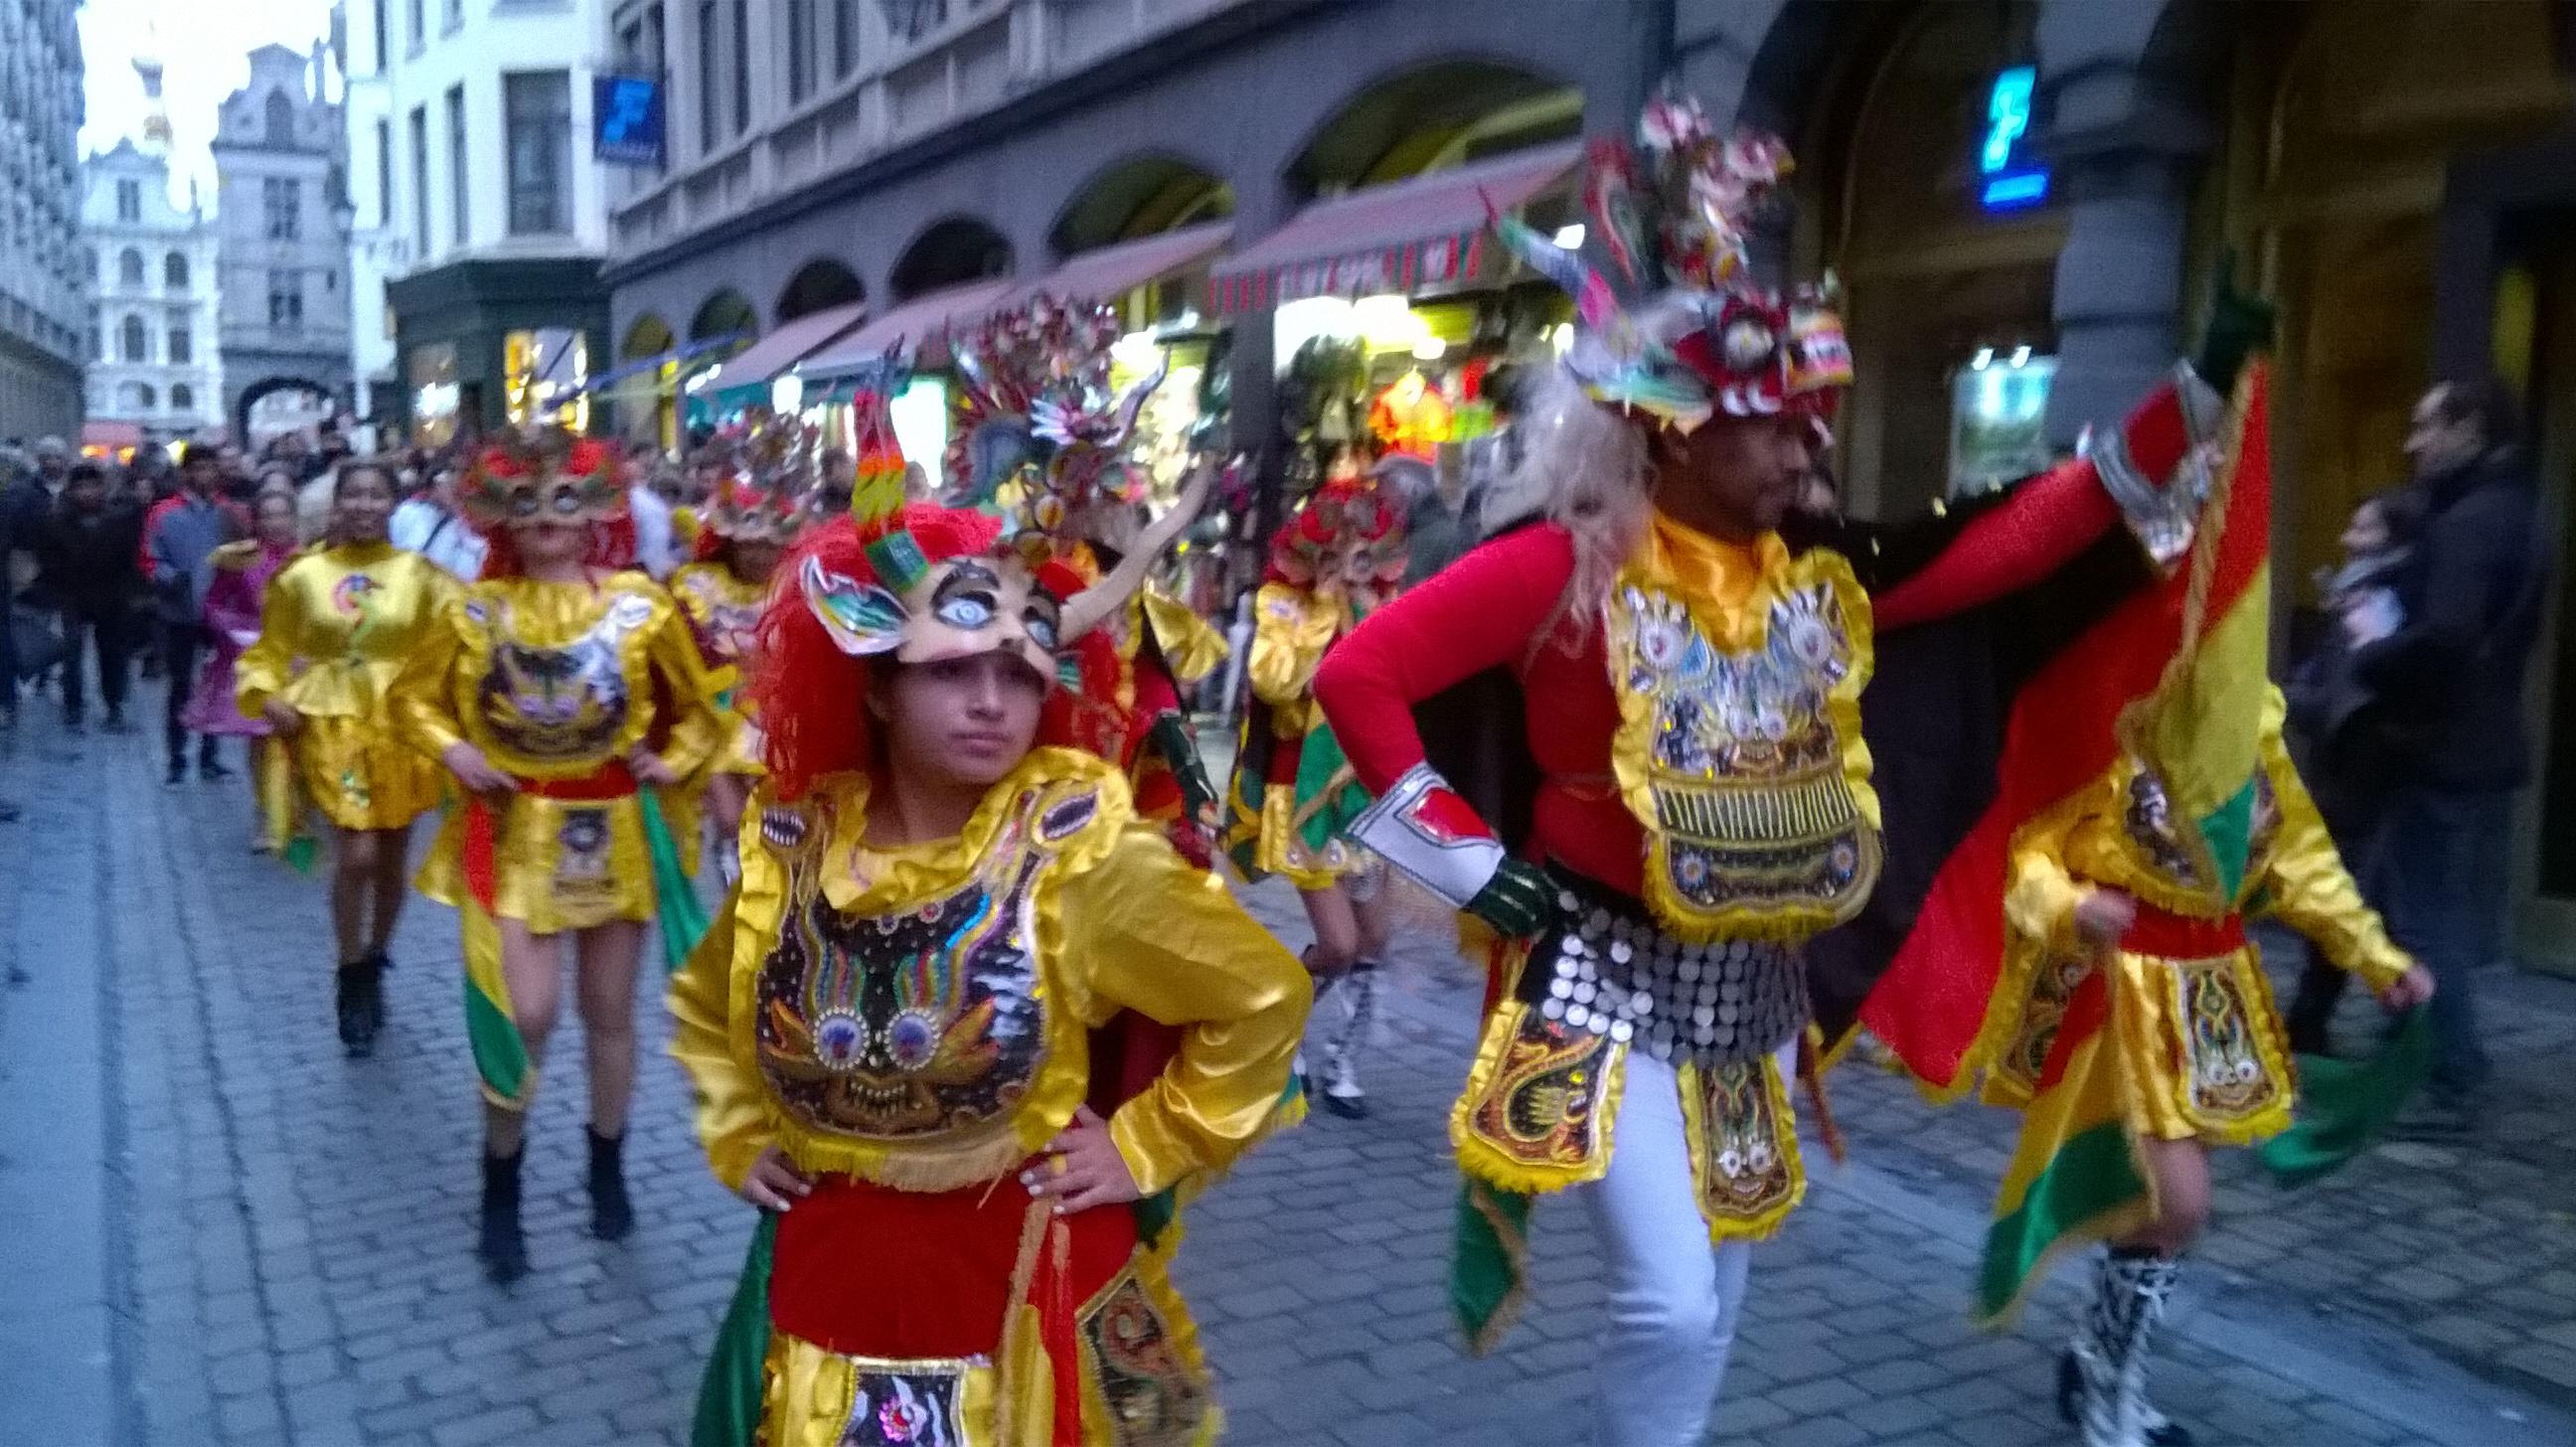 Het Boliviaanse Carnaval de Oruro trok van de Grote Markt naar Manneken Pis.